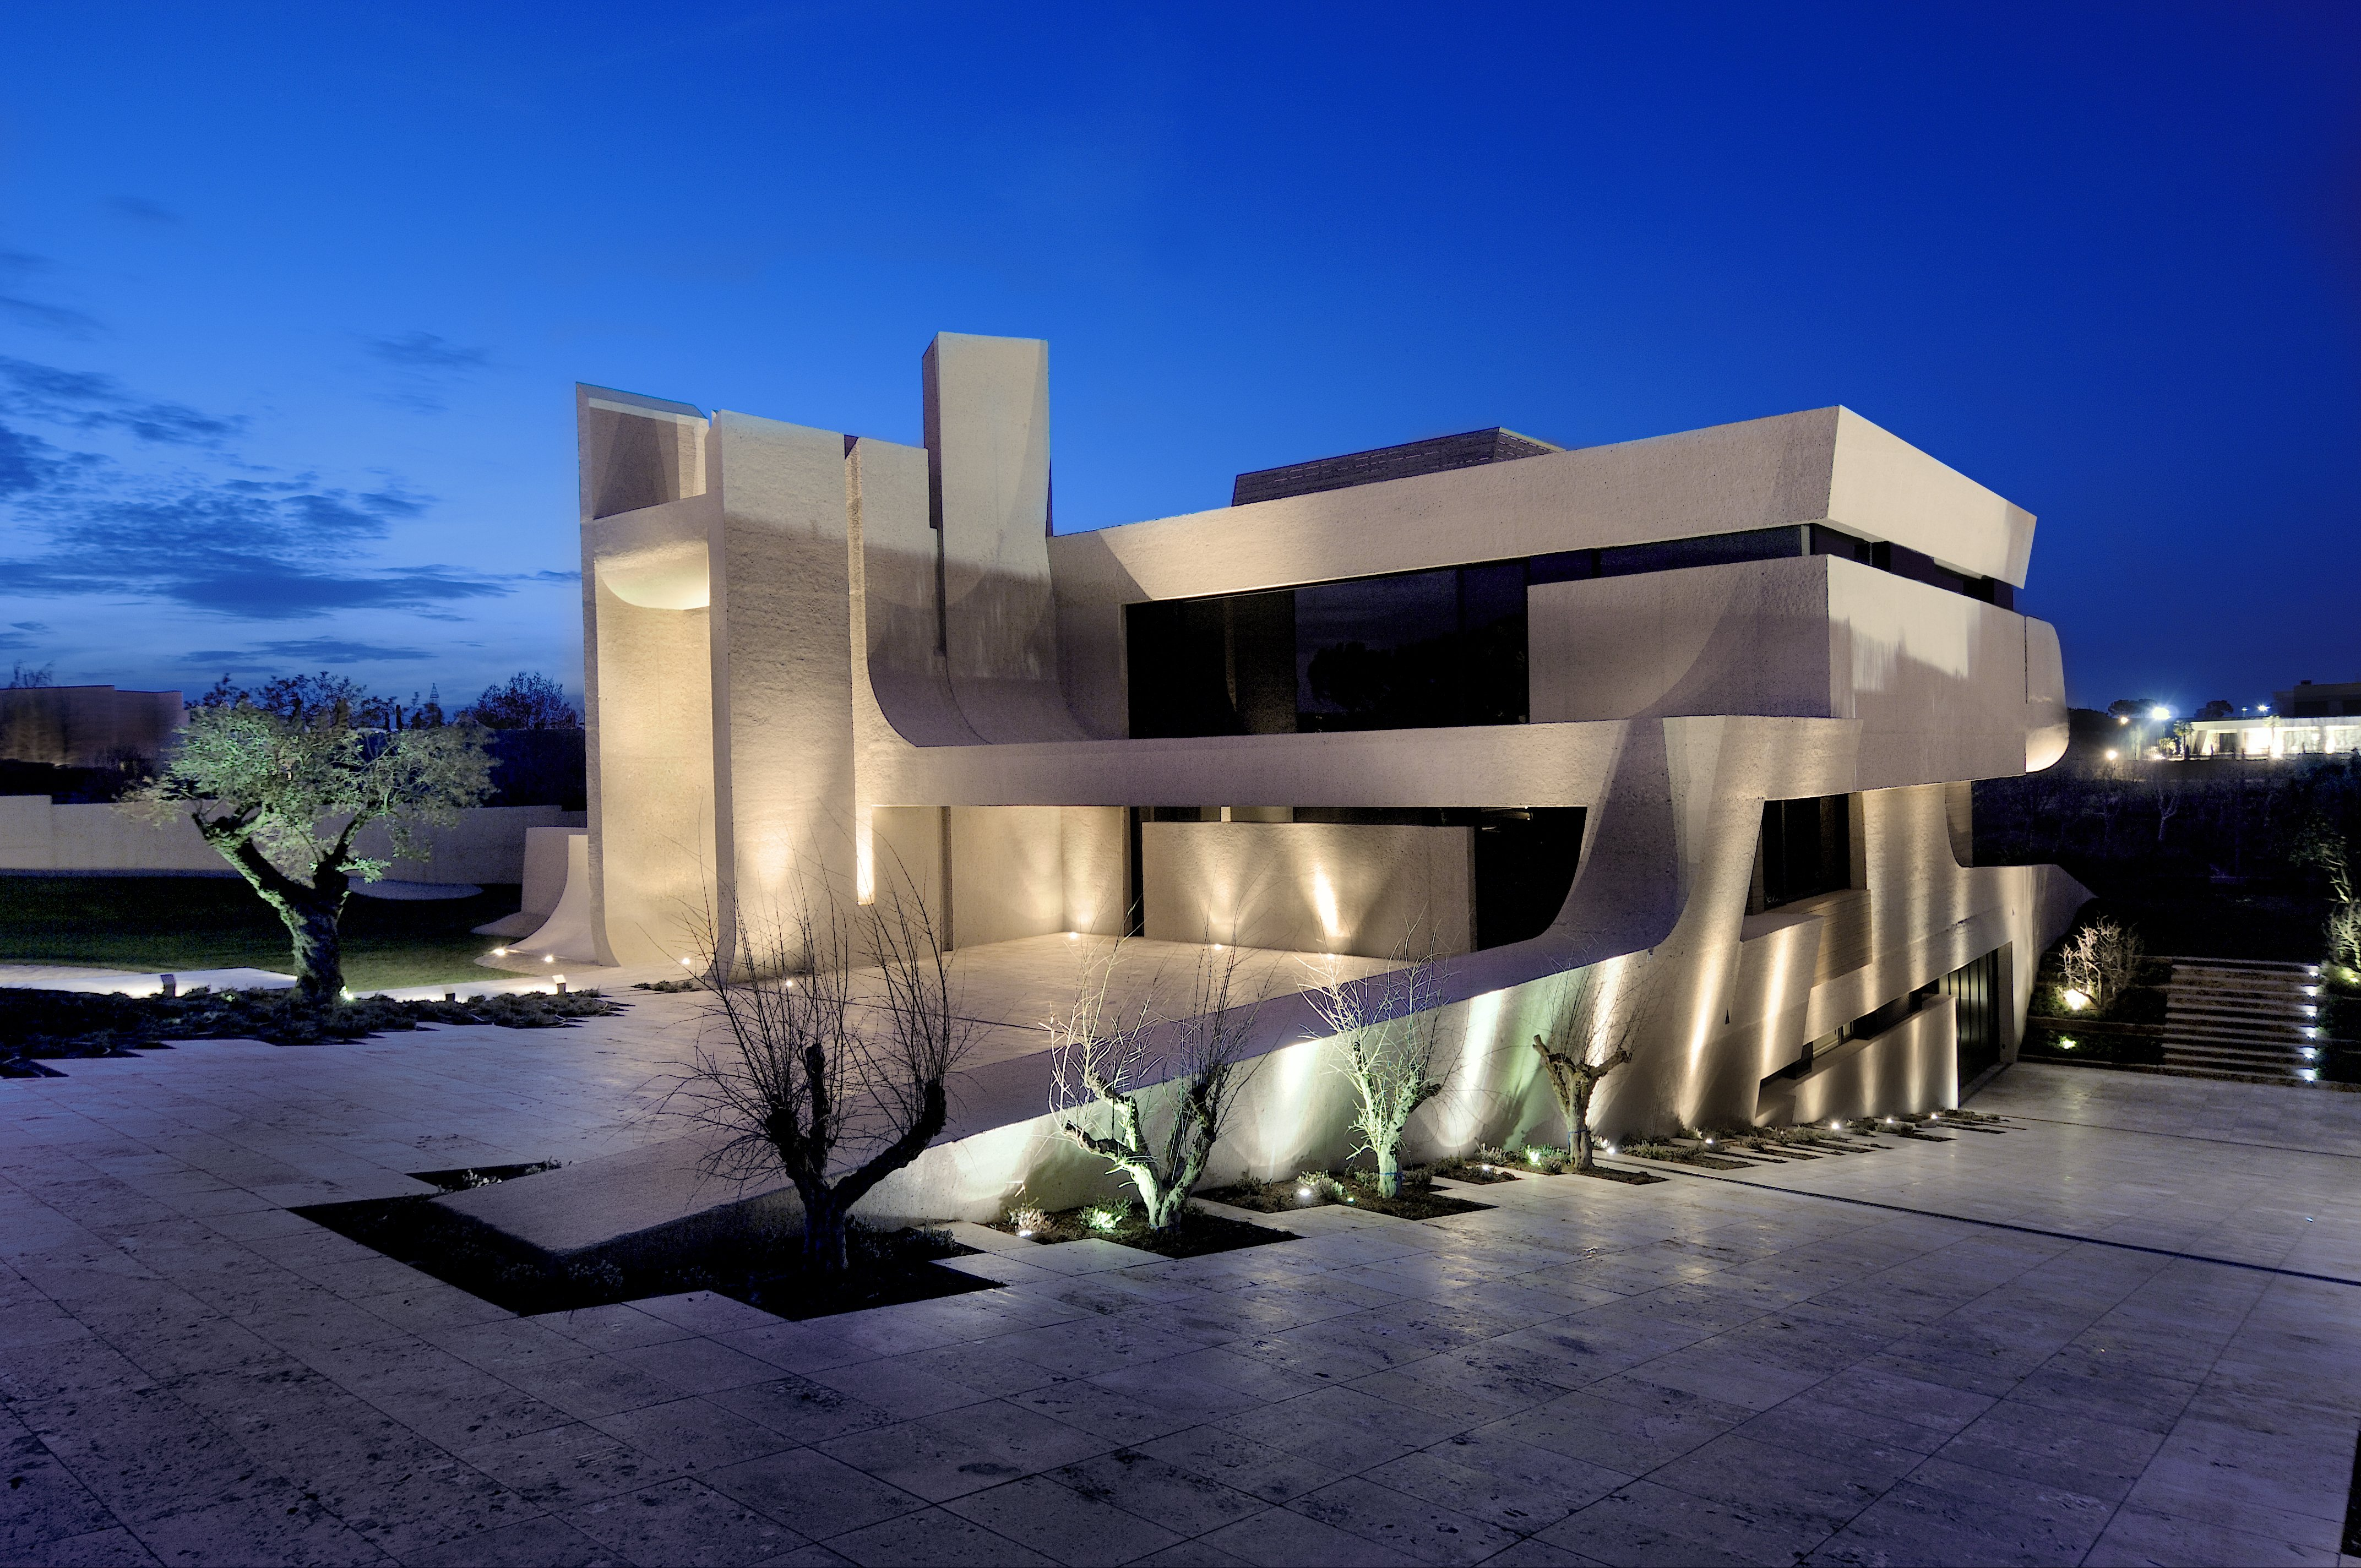 Casa moderna arquitectura wallpaper 4288x2848 853720 for Arquitectura moderna